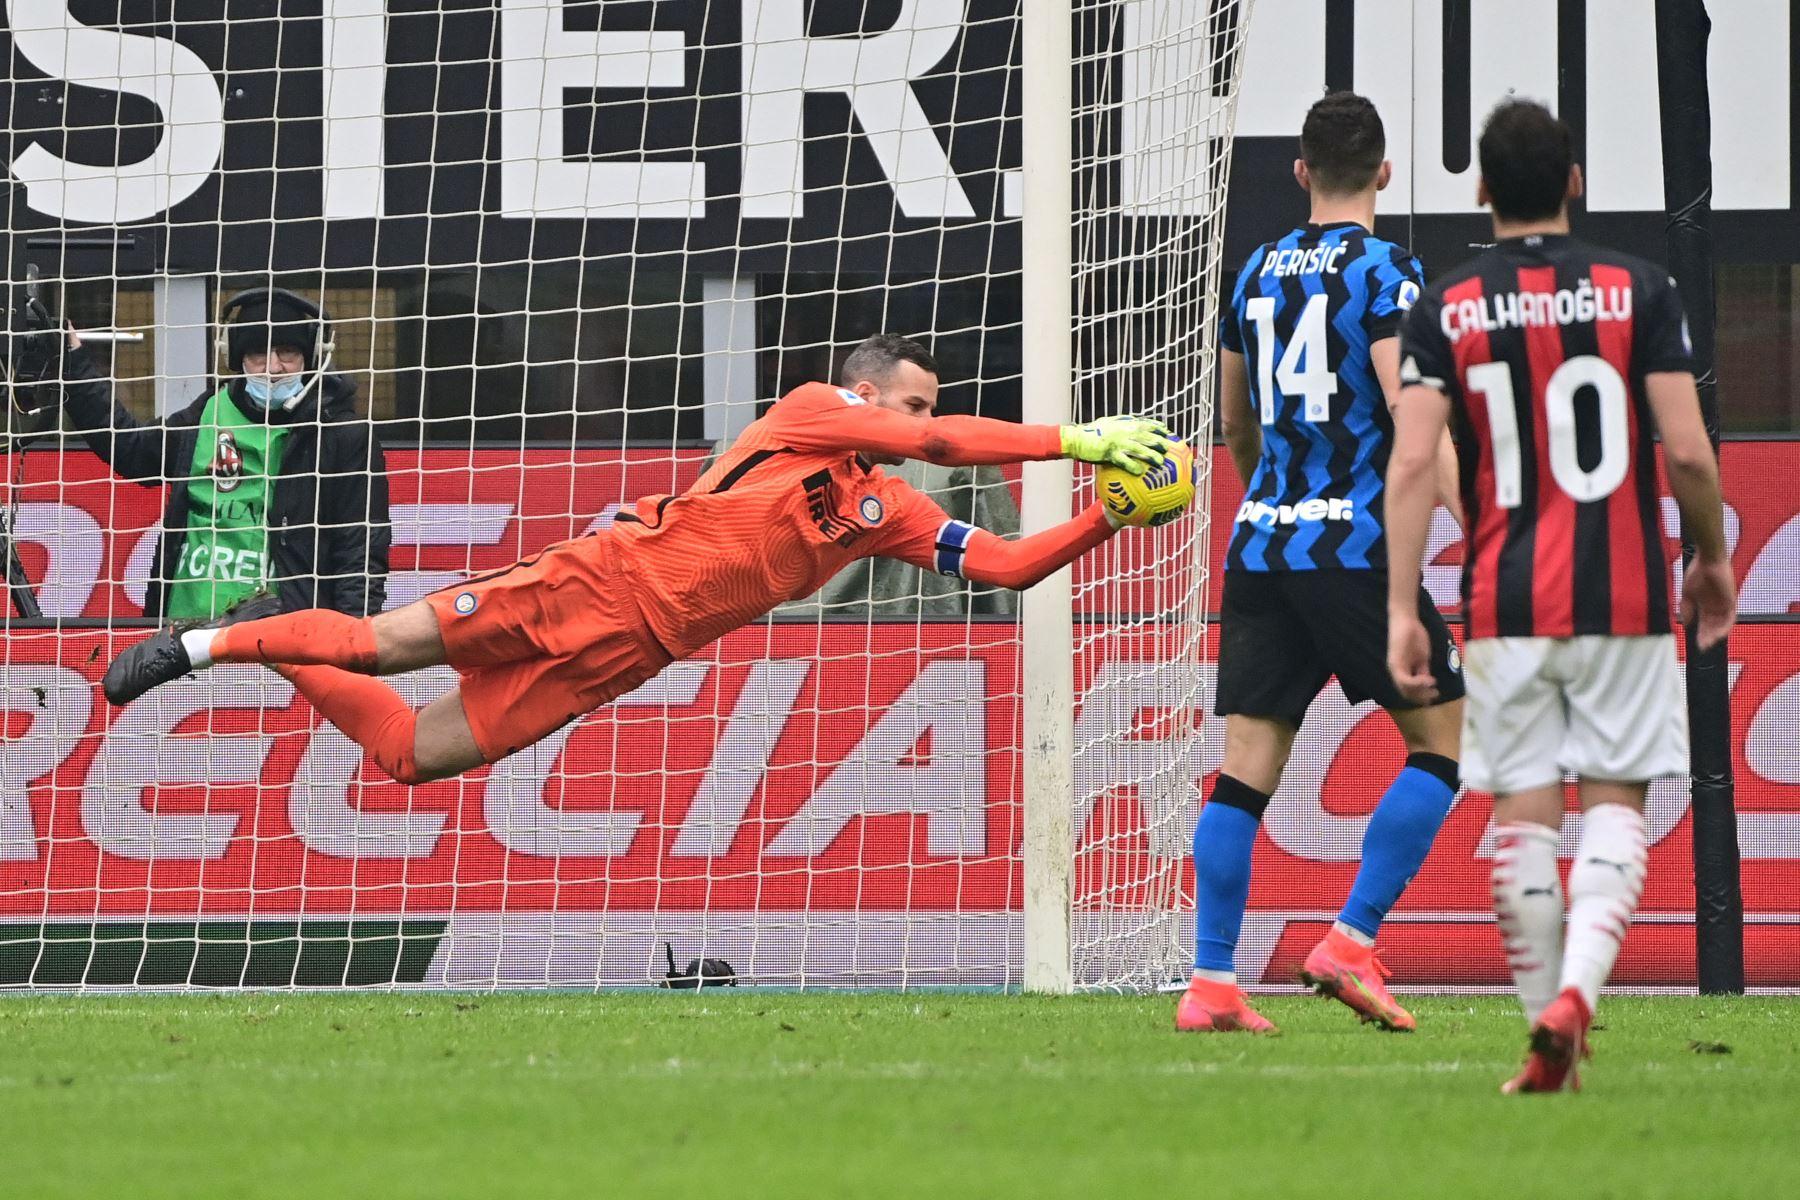 El portero esloveno del Inter de Milán, Samir Handanovic, salva un balón durante el partido de fútbol de la Serie A italiana AC Milán vs Inter de Milán. Foto: AFP